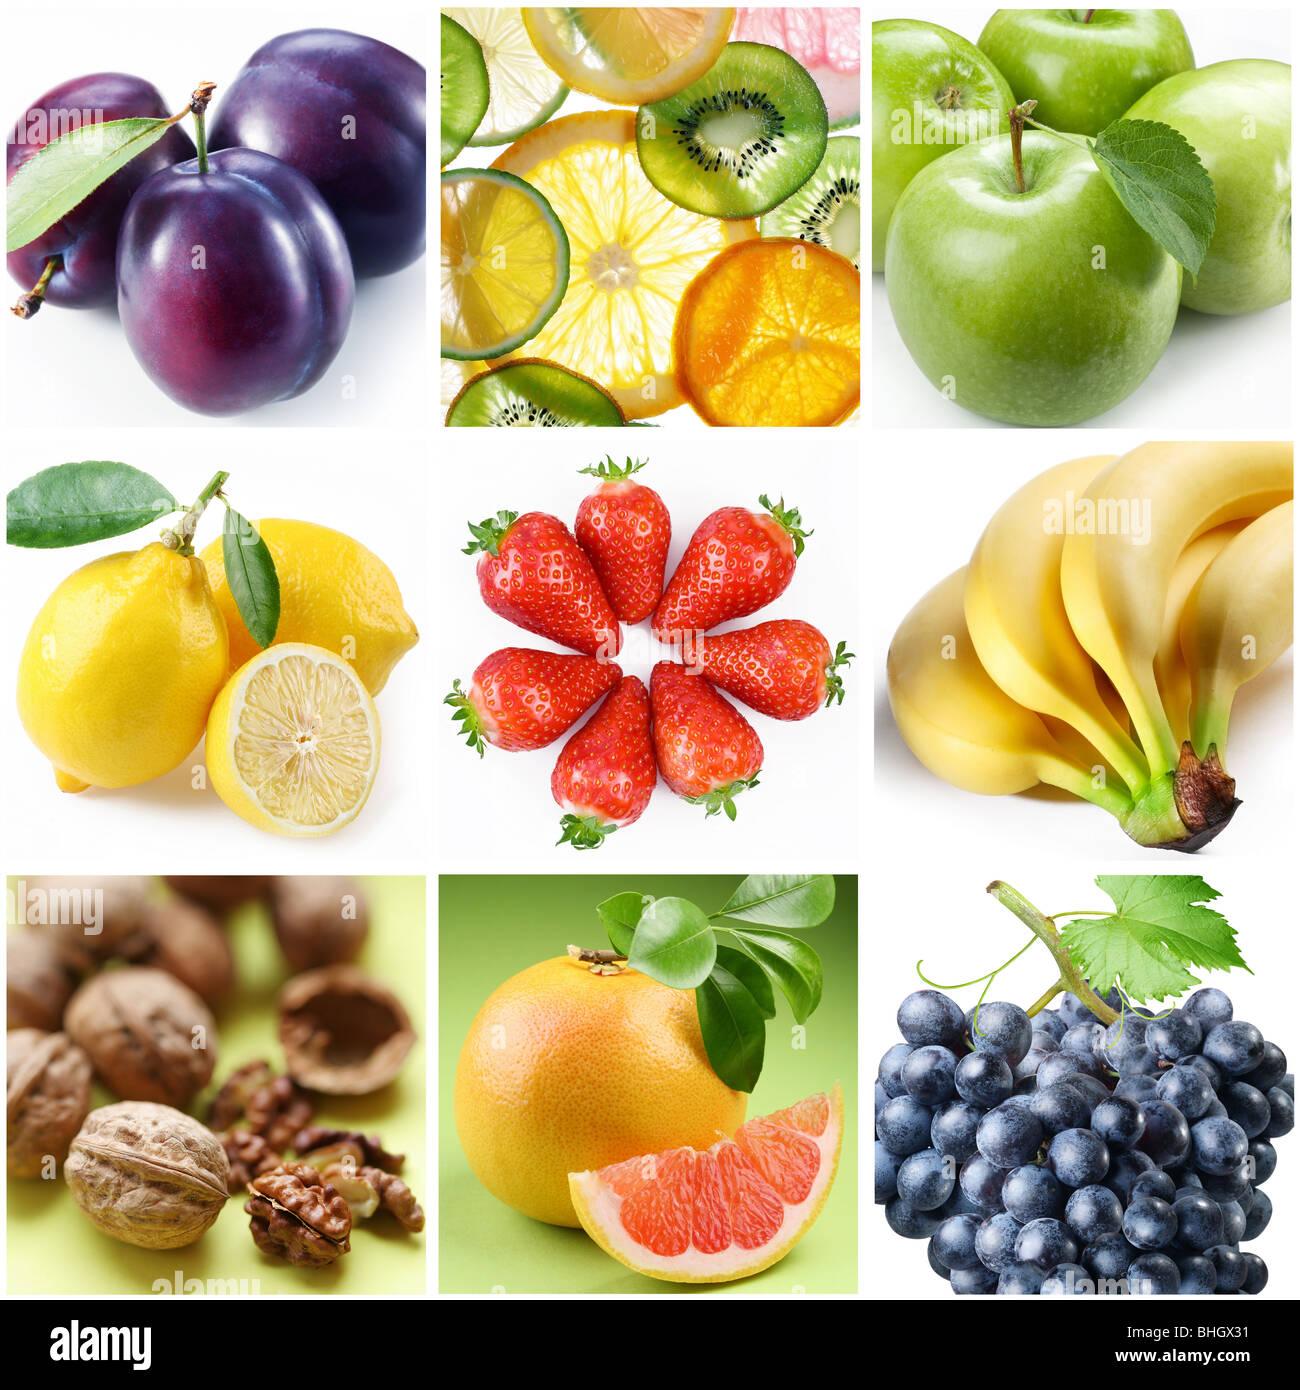 Collection d'images sur le thème de la 'Fruits' Banque D'Images